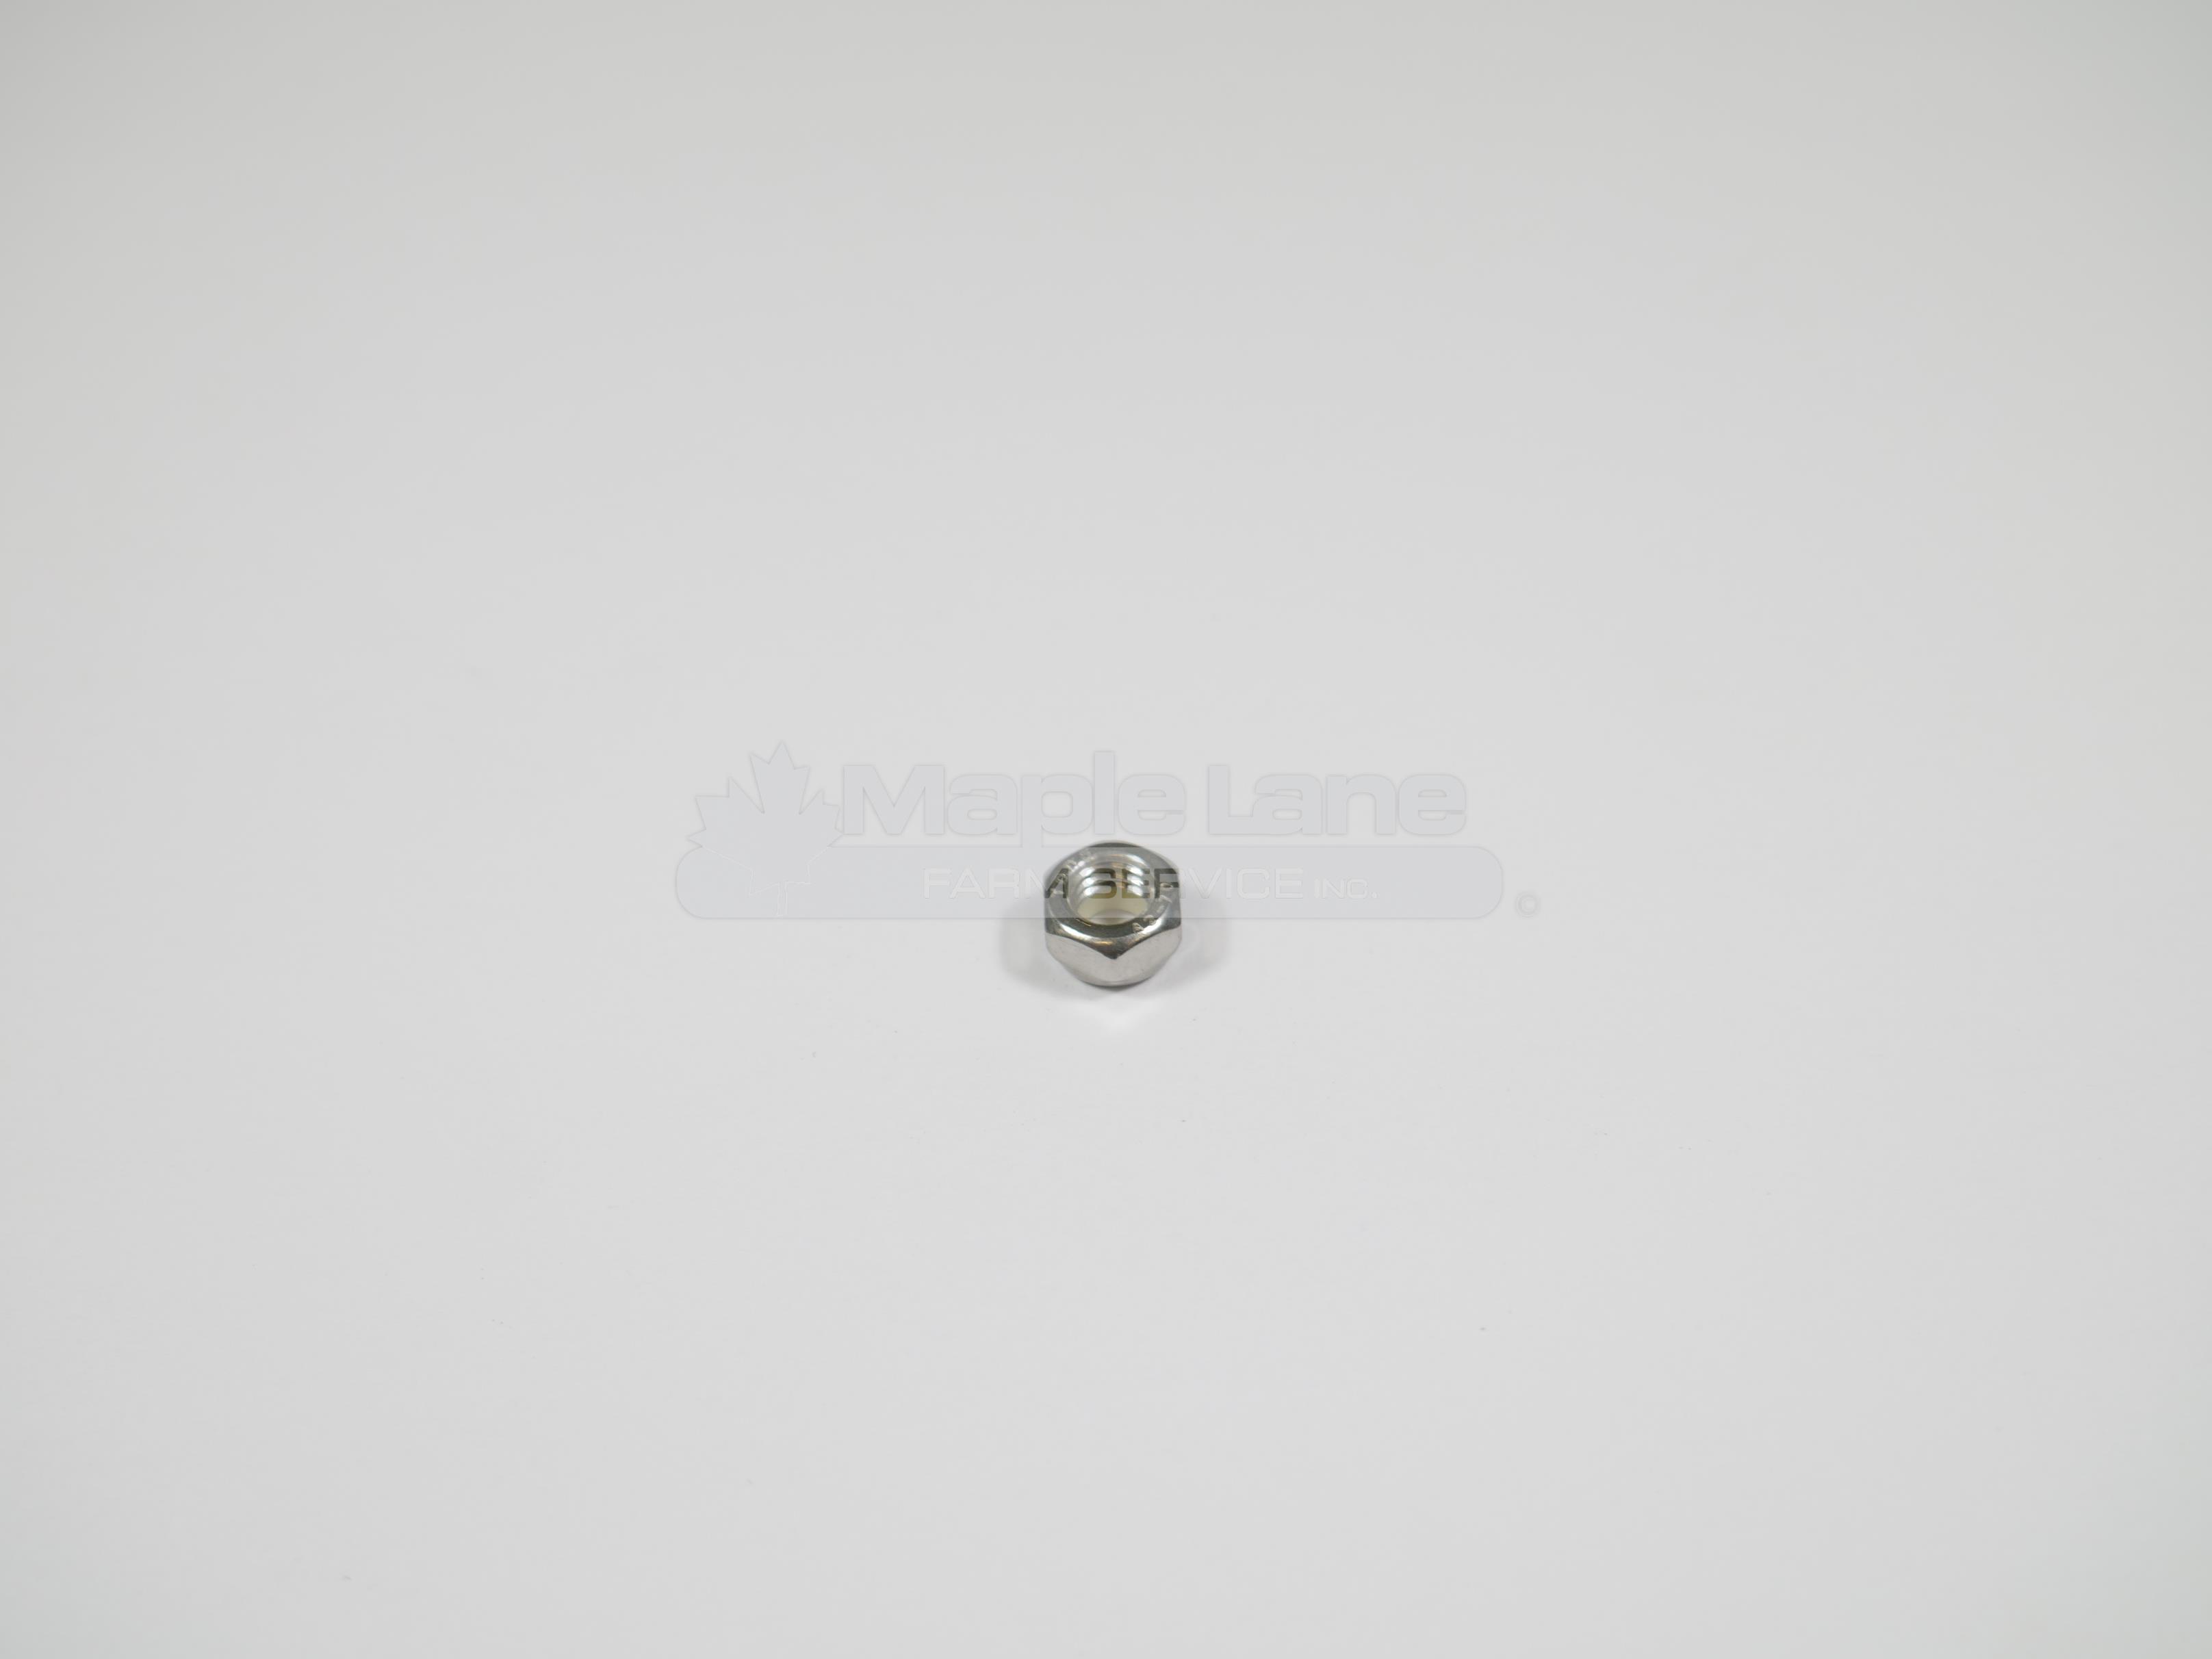 461217 Hex Lock Nut